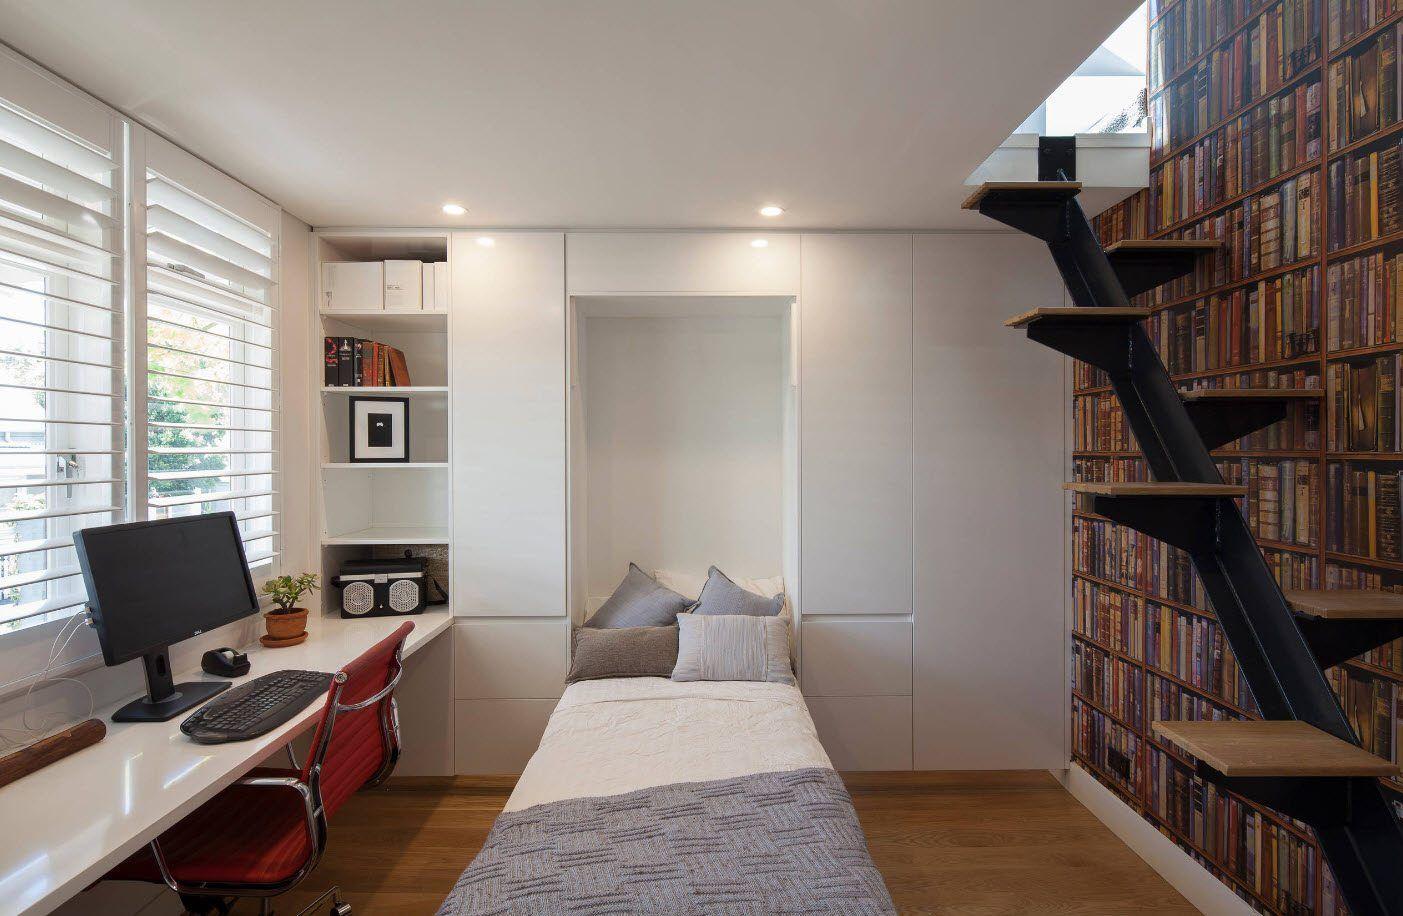 5 ideas para ganar metros con espacios multifuncionales | Habitaciones para estudiantes, Como decorar tu habitacion, Diseño de oficina en casa